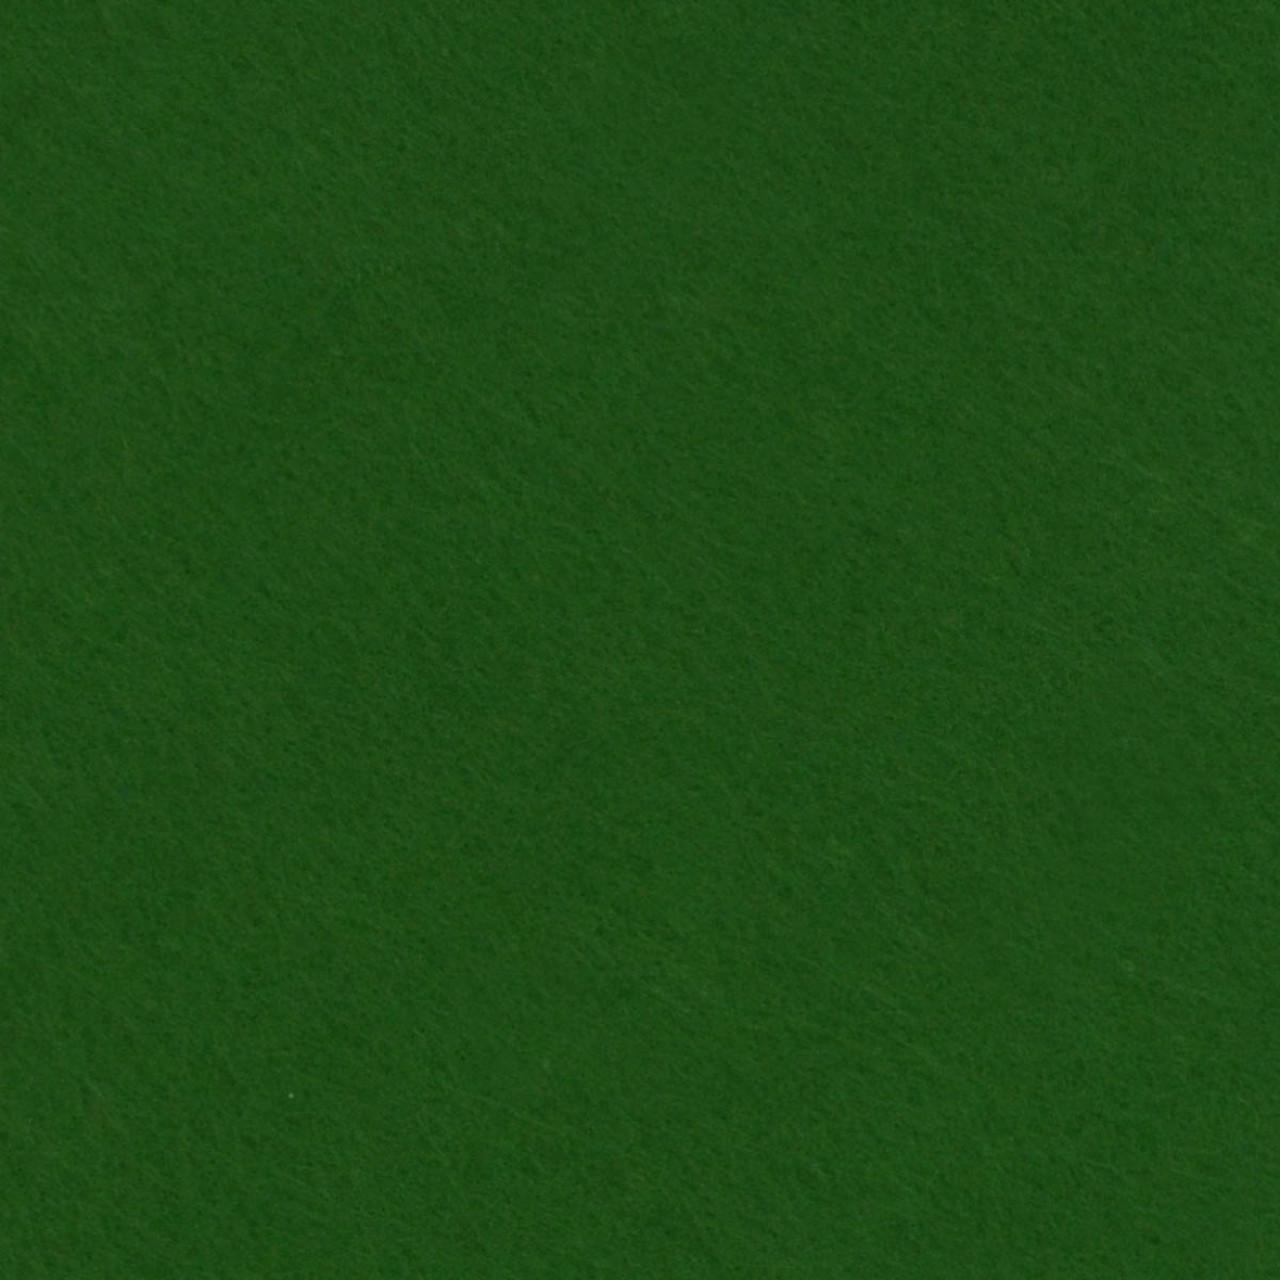 Набор Фетр жесткий, светло-зеленый, 21*30см, 10листов (Иран)